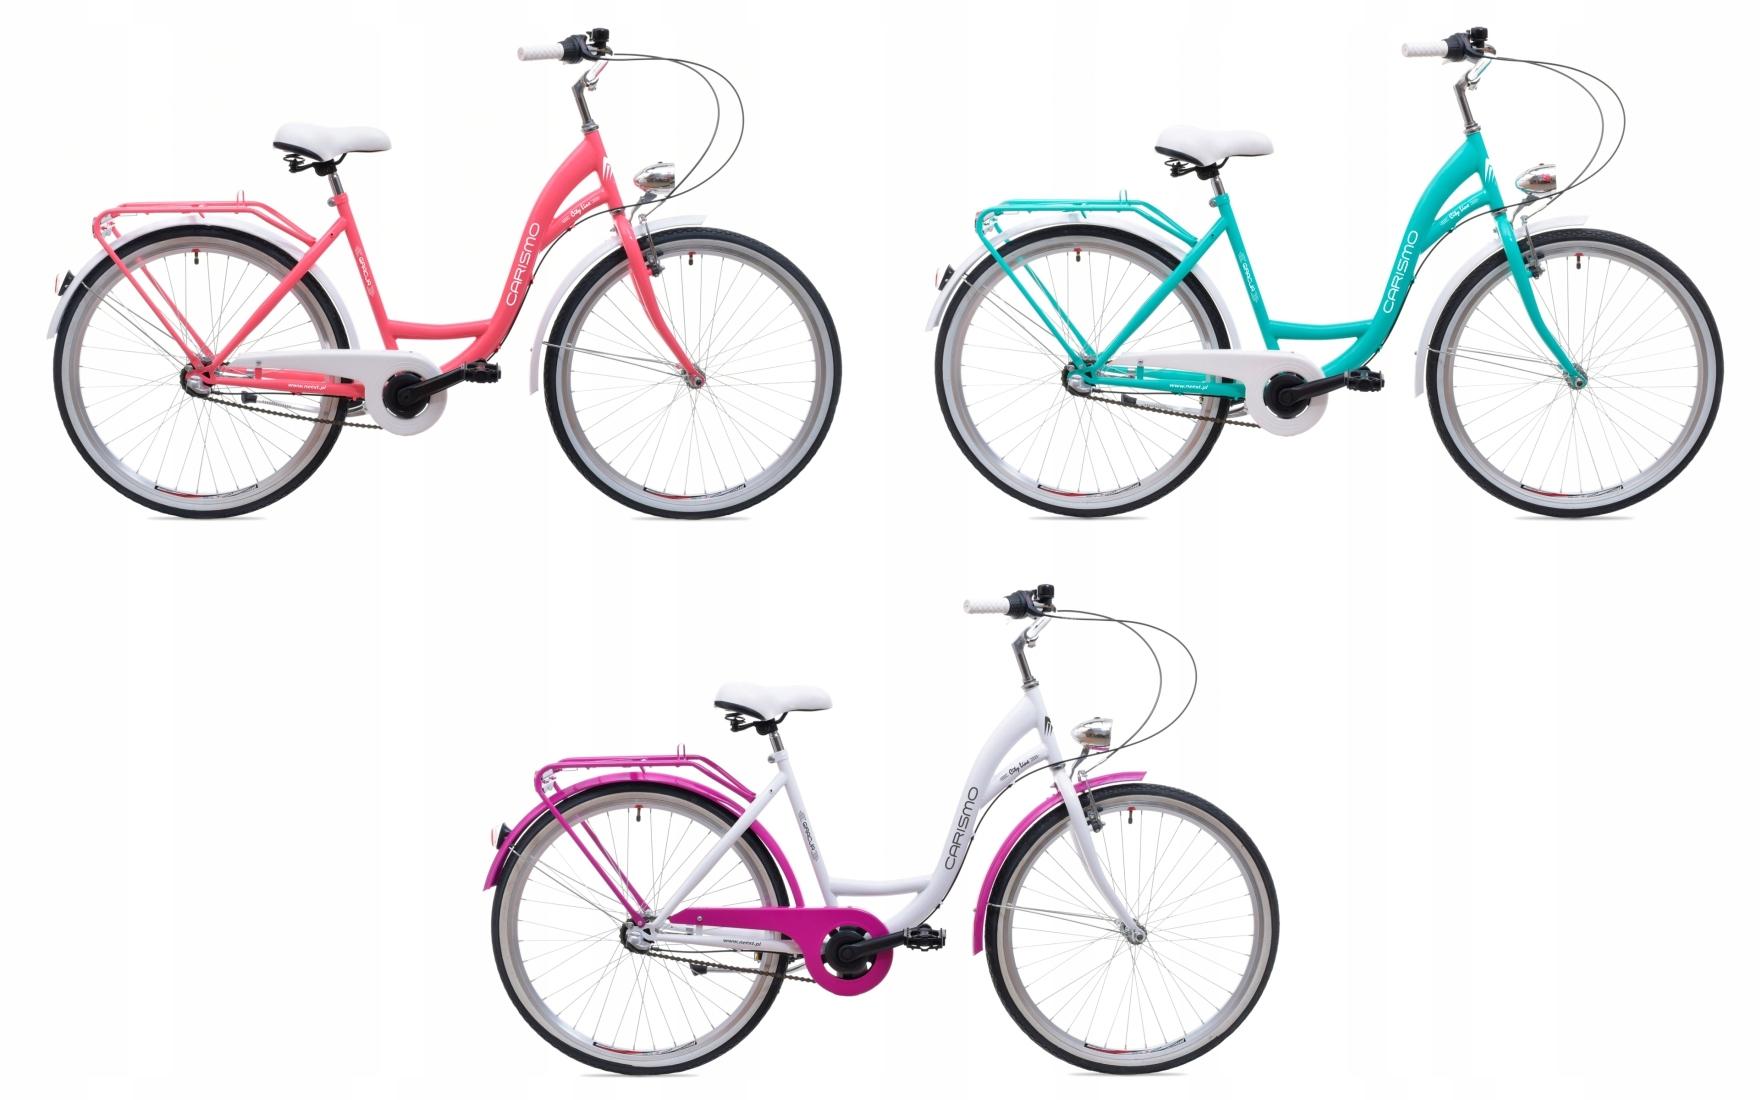 Dámsky mestský bicykel GRACE 26 Shimano 3b Dutchman, prehadzovačka, vnútorný (v náboji)